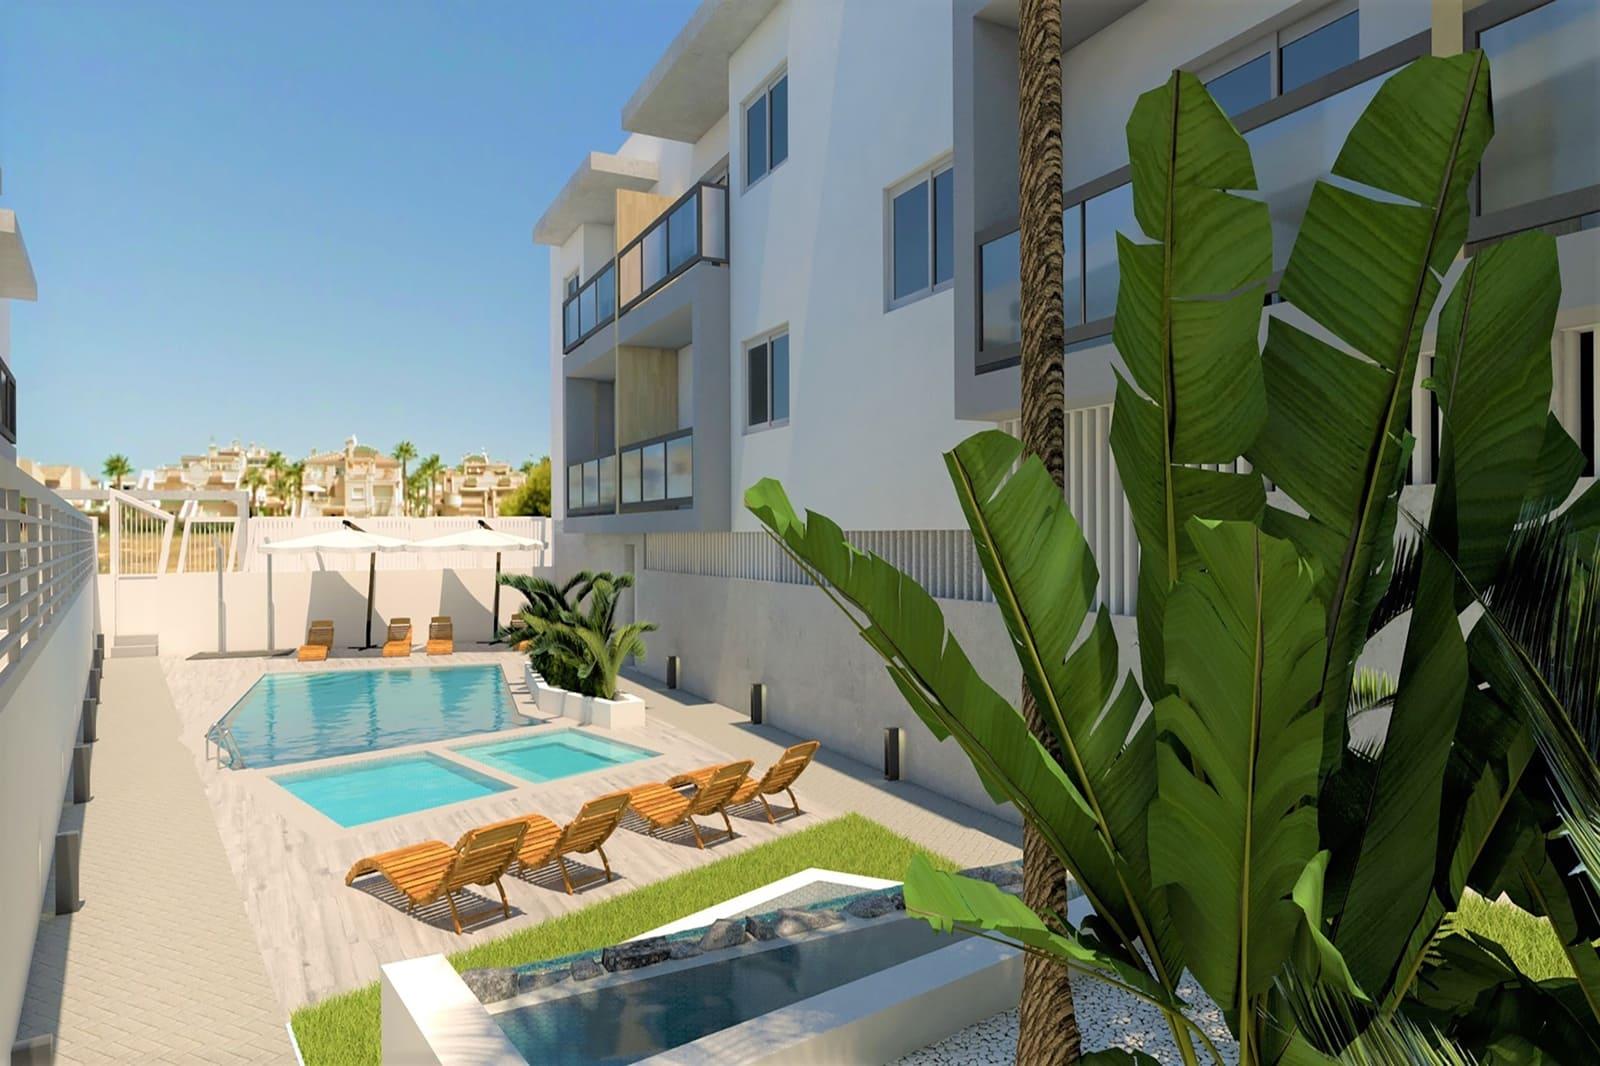 Apartamento de 3 habitaciones en Benijófar en venta con piscina - 190.500 € (Ref: 4830262)